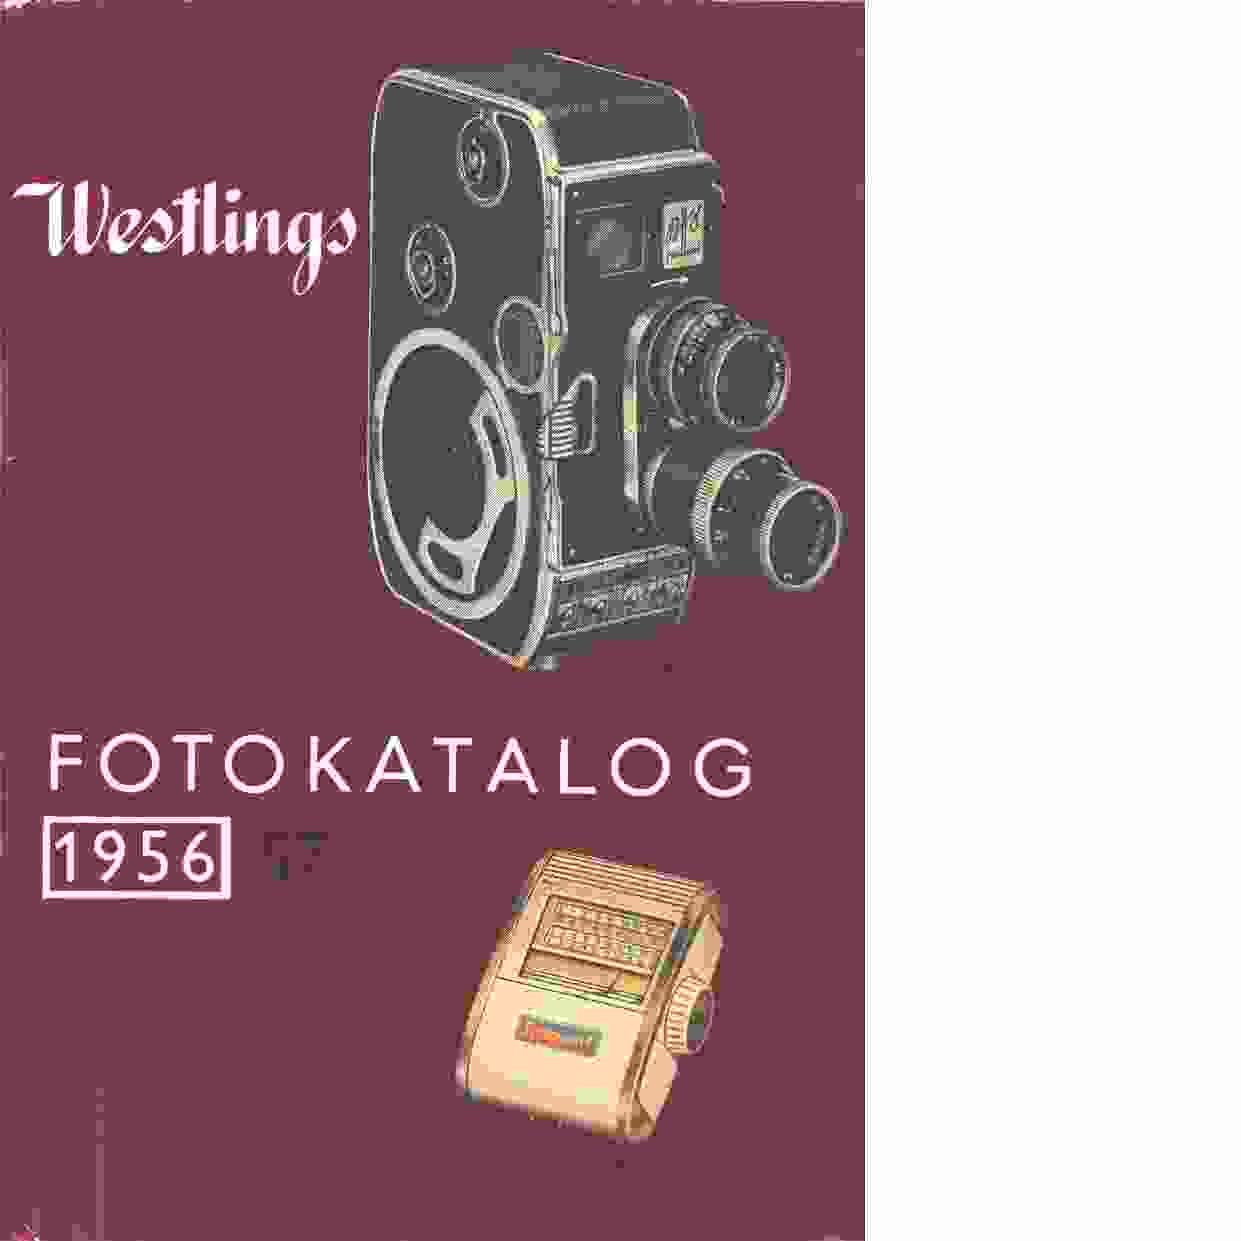 Westlings fotokatalog 1956-57 - Westling, Albin